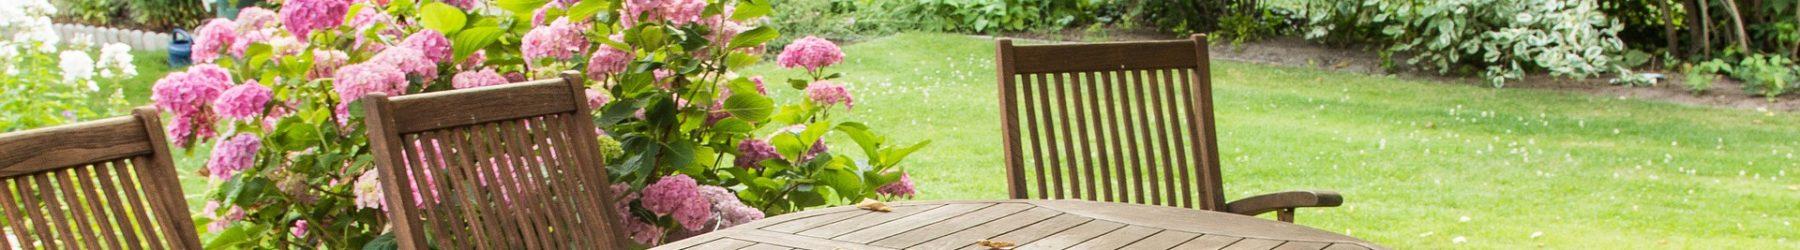 Günstige Gartenmöbel